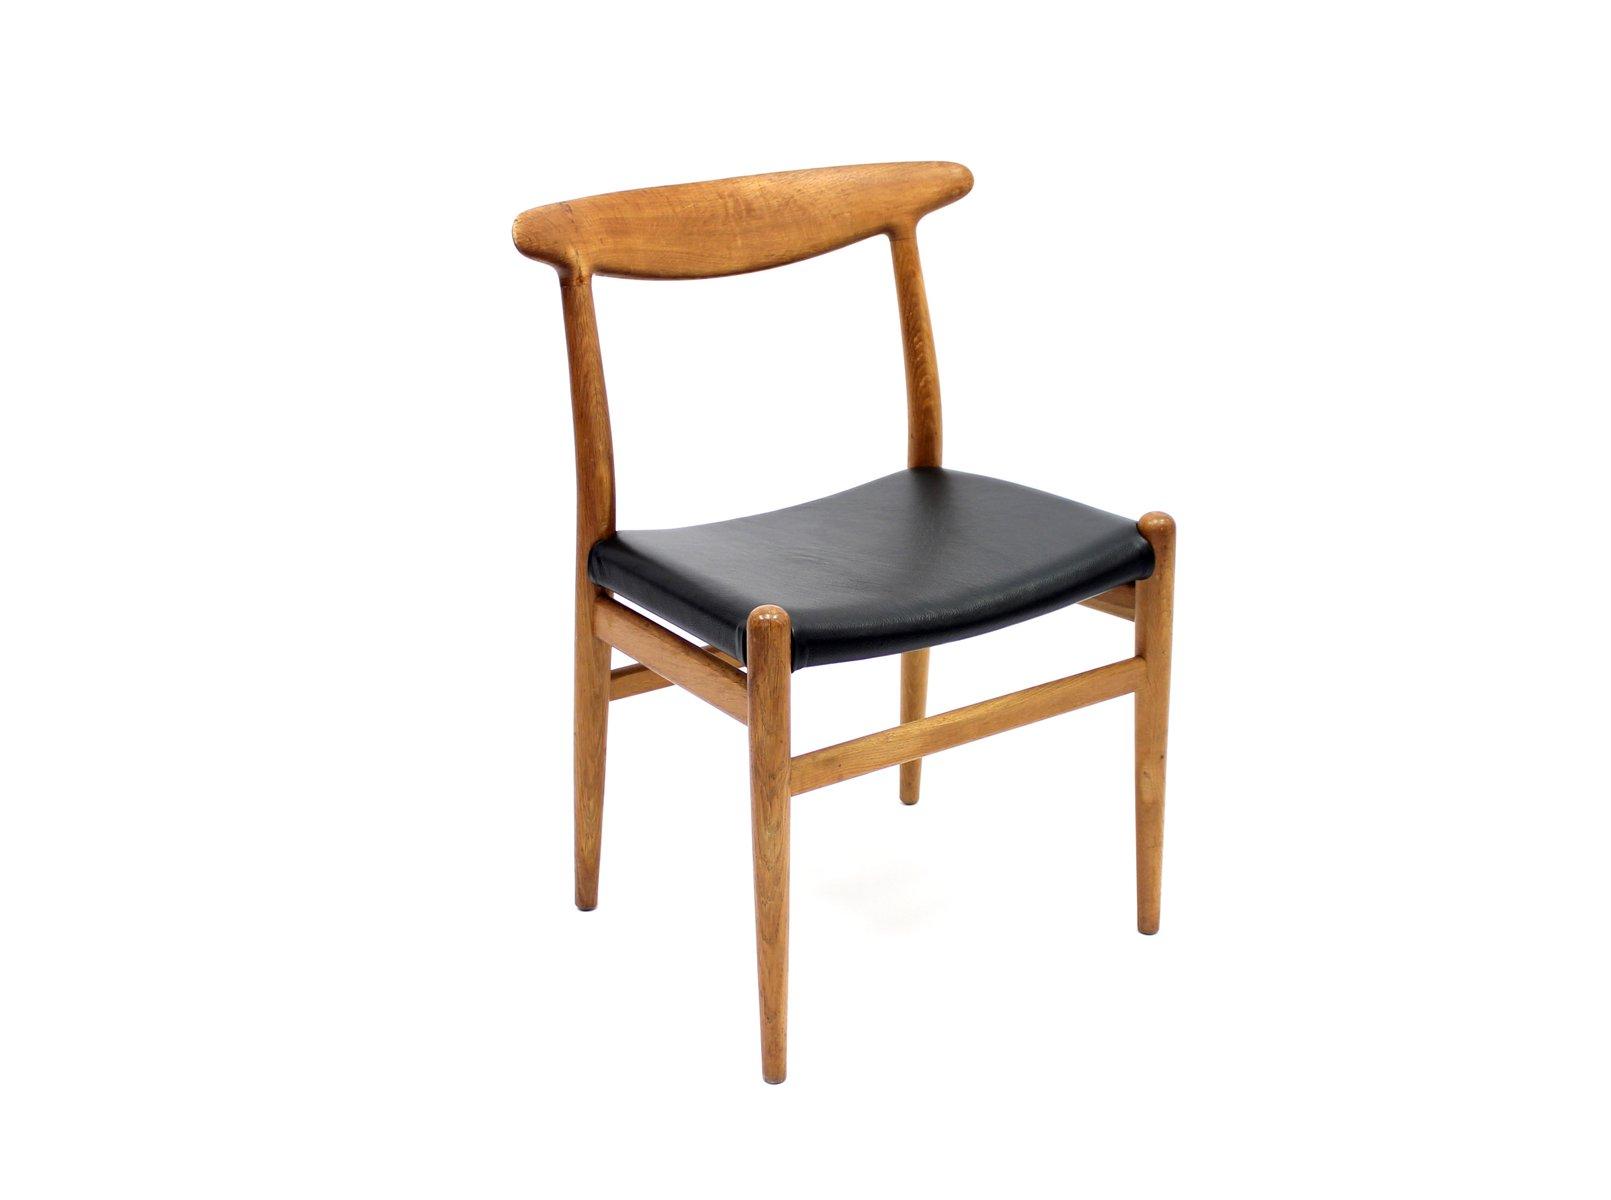 Model W2 Chair By Hans J. Wegner For C.M. Madsen, 1960s